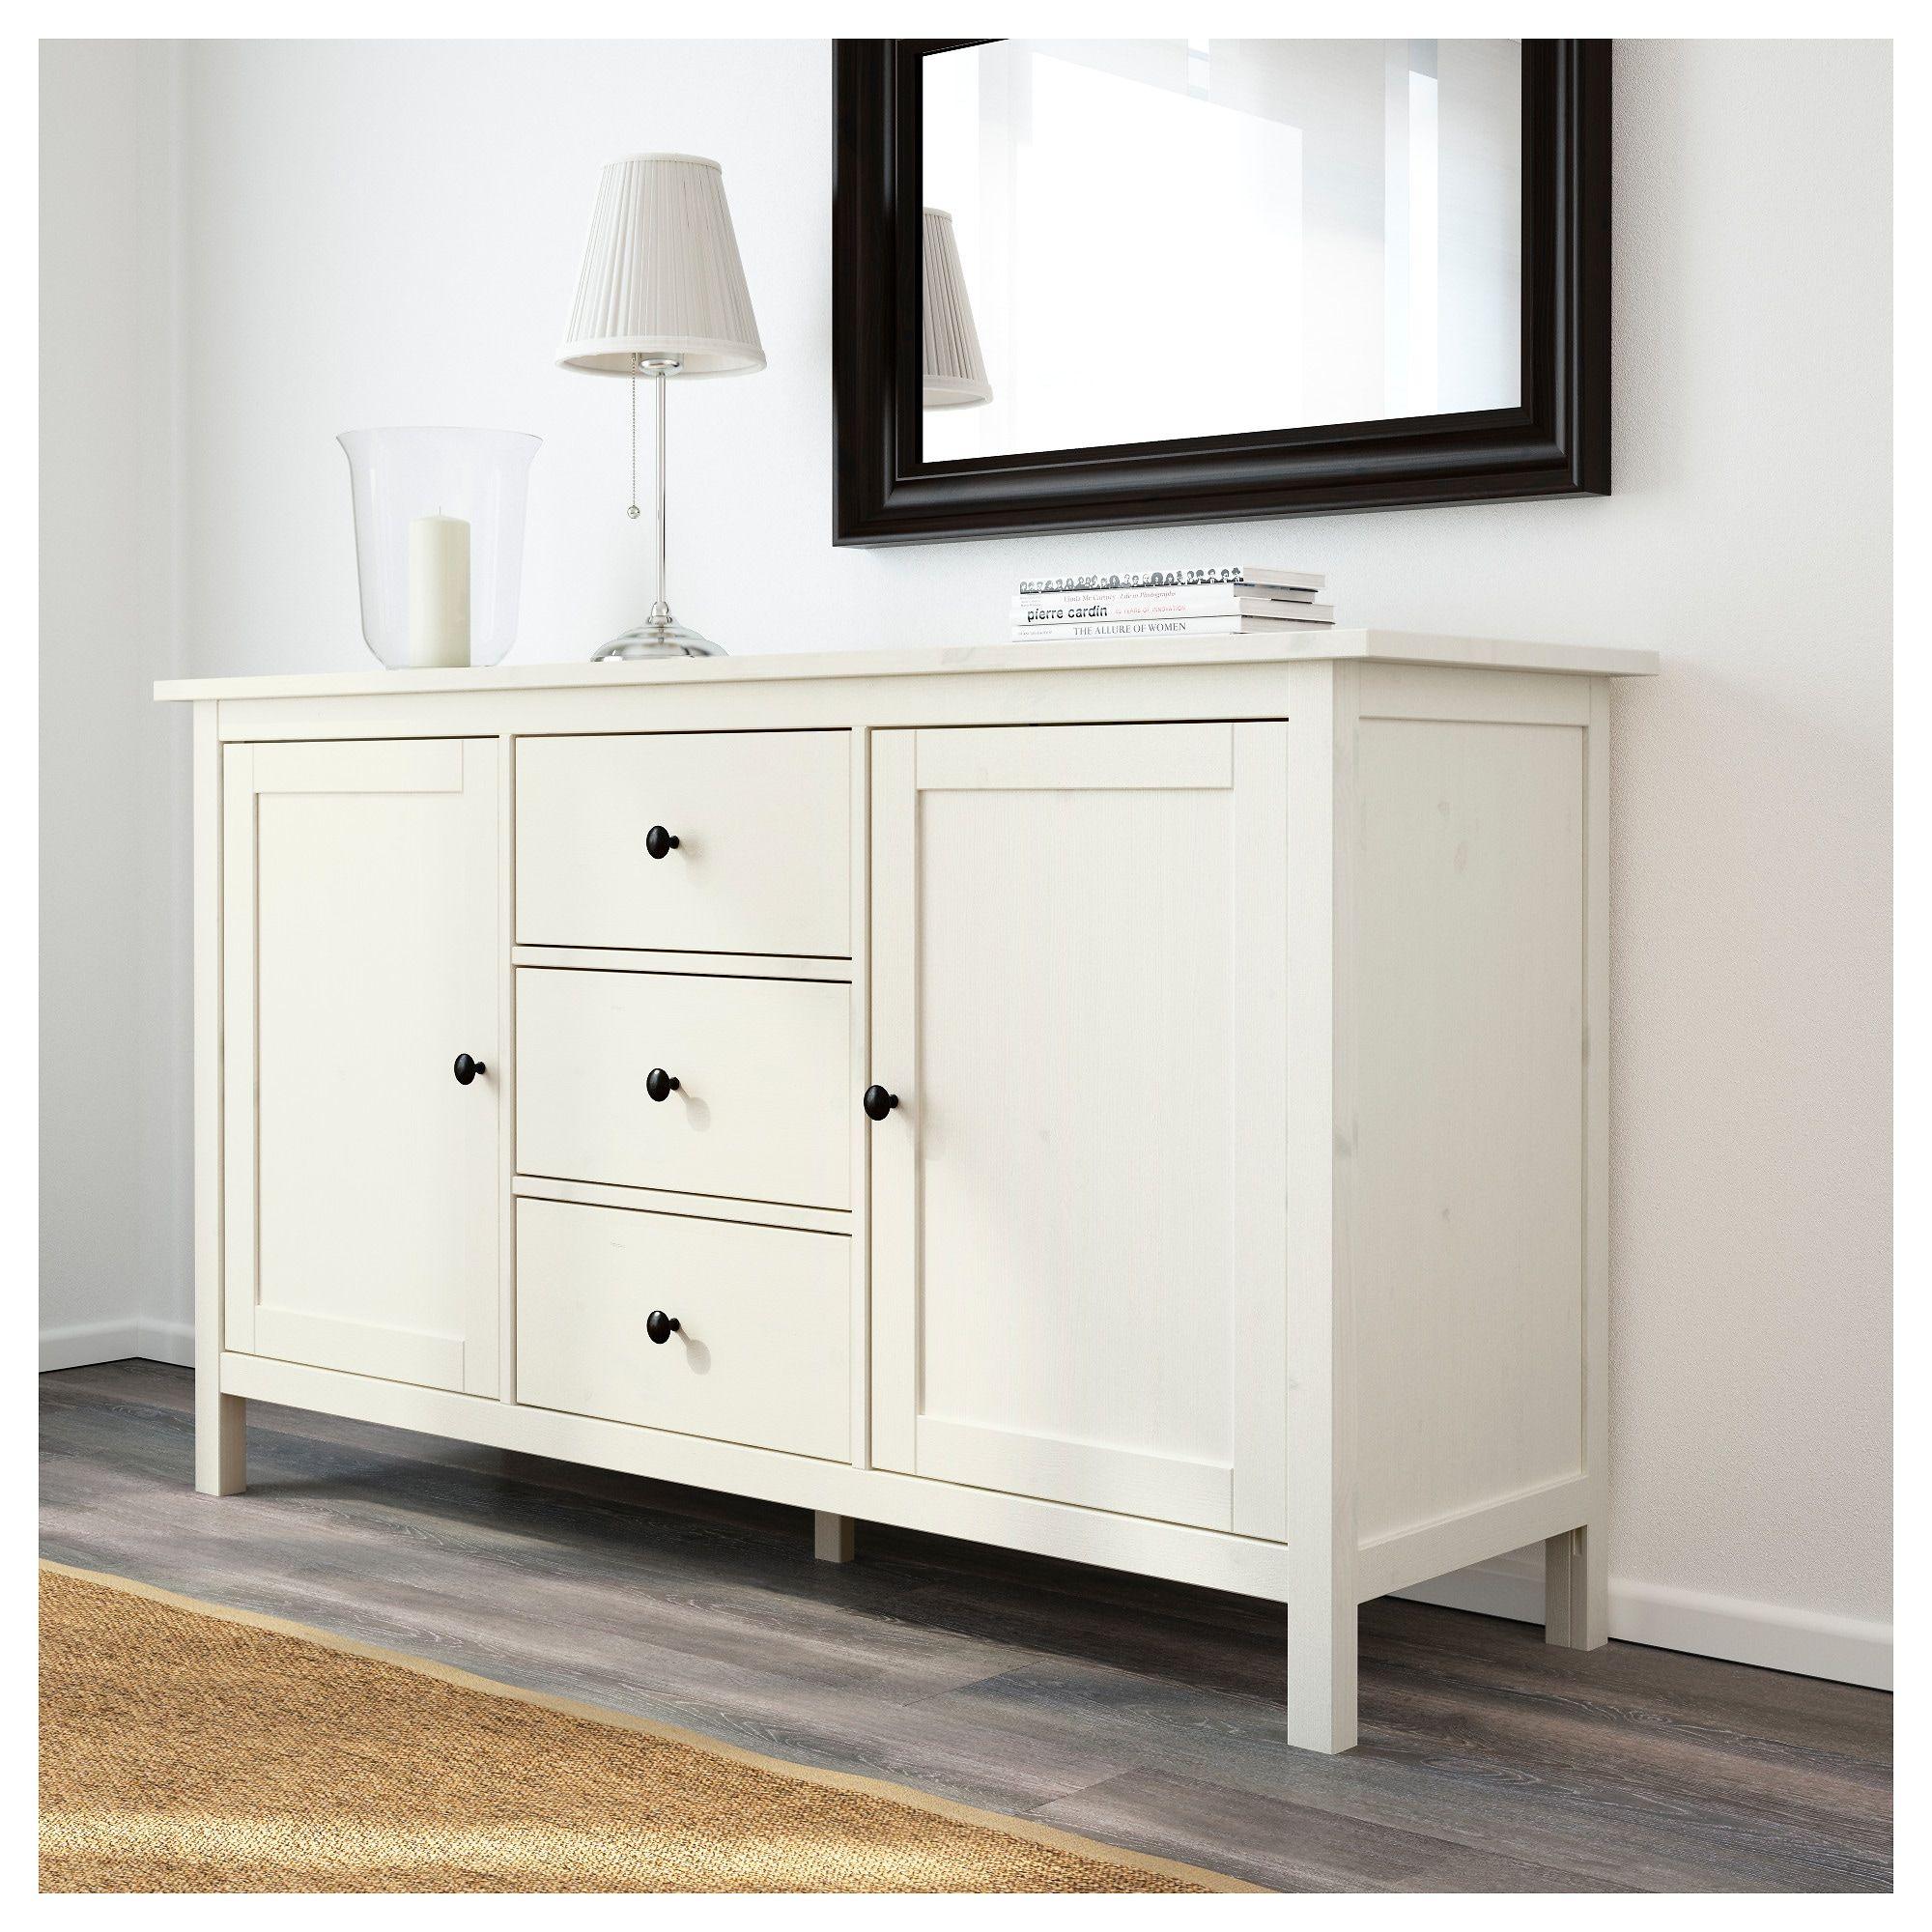 hemnes sideboard, white stain | for the home | pinterest | hemnes